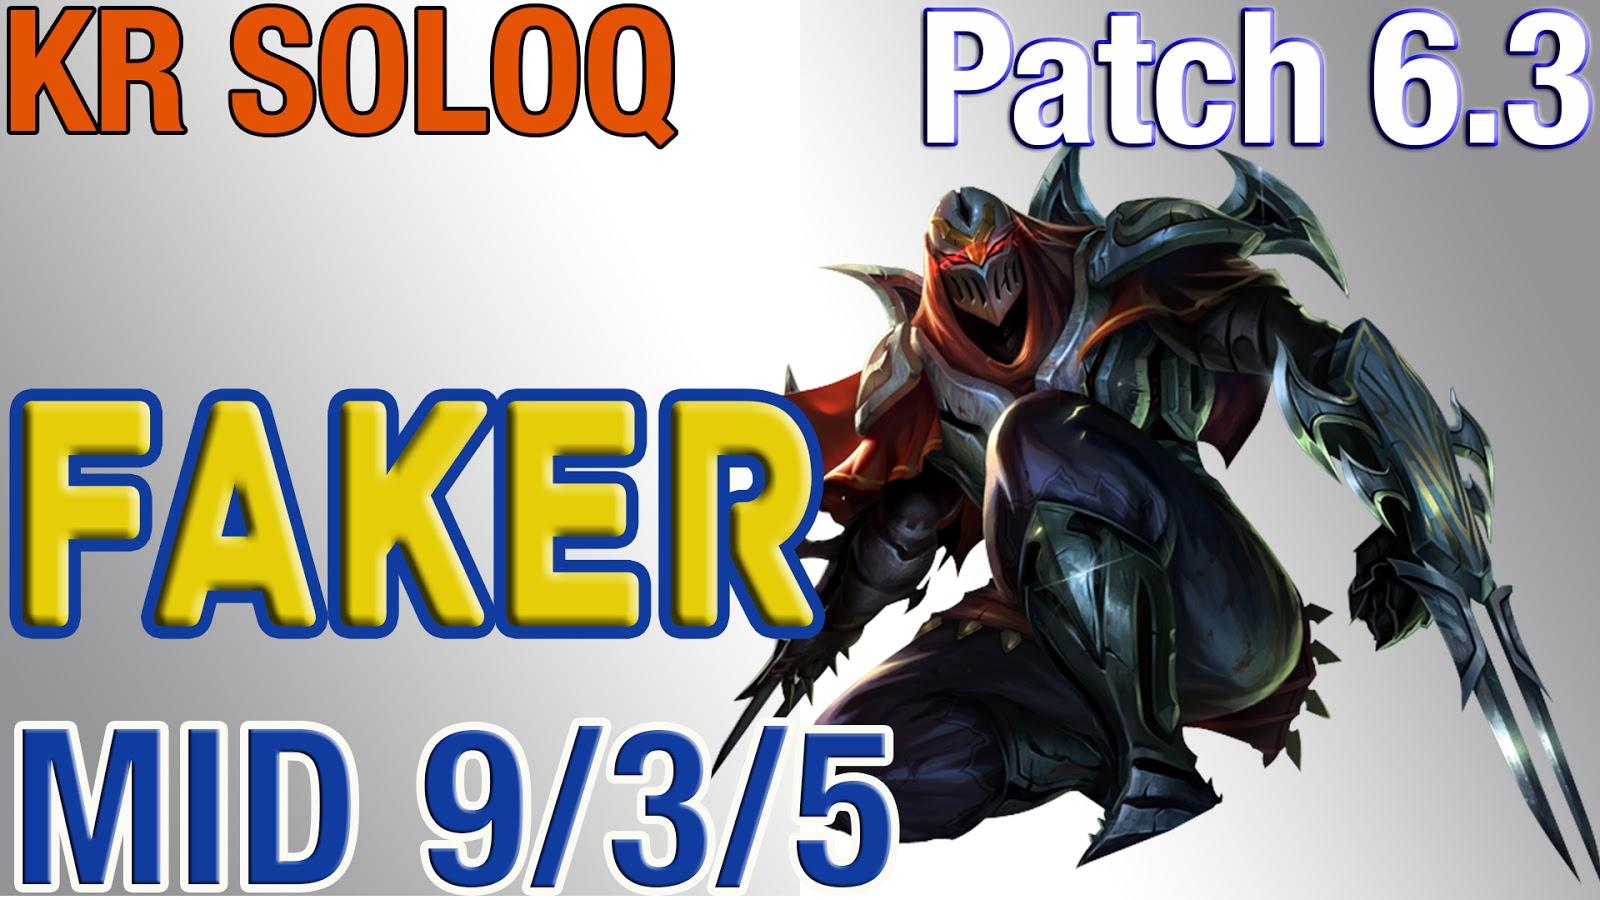 SKT T1 Faker(Hide on bush) Mid Lane - Zed vs Yasuo - S6 Kr LoL Ranked  Challenger #38 [Patch Notes : 6.3] KDA: 9/3/5